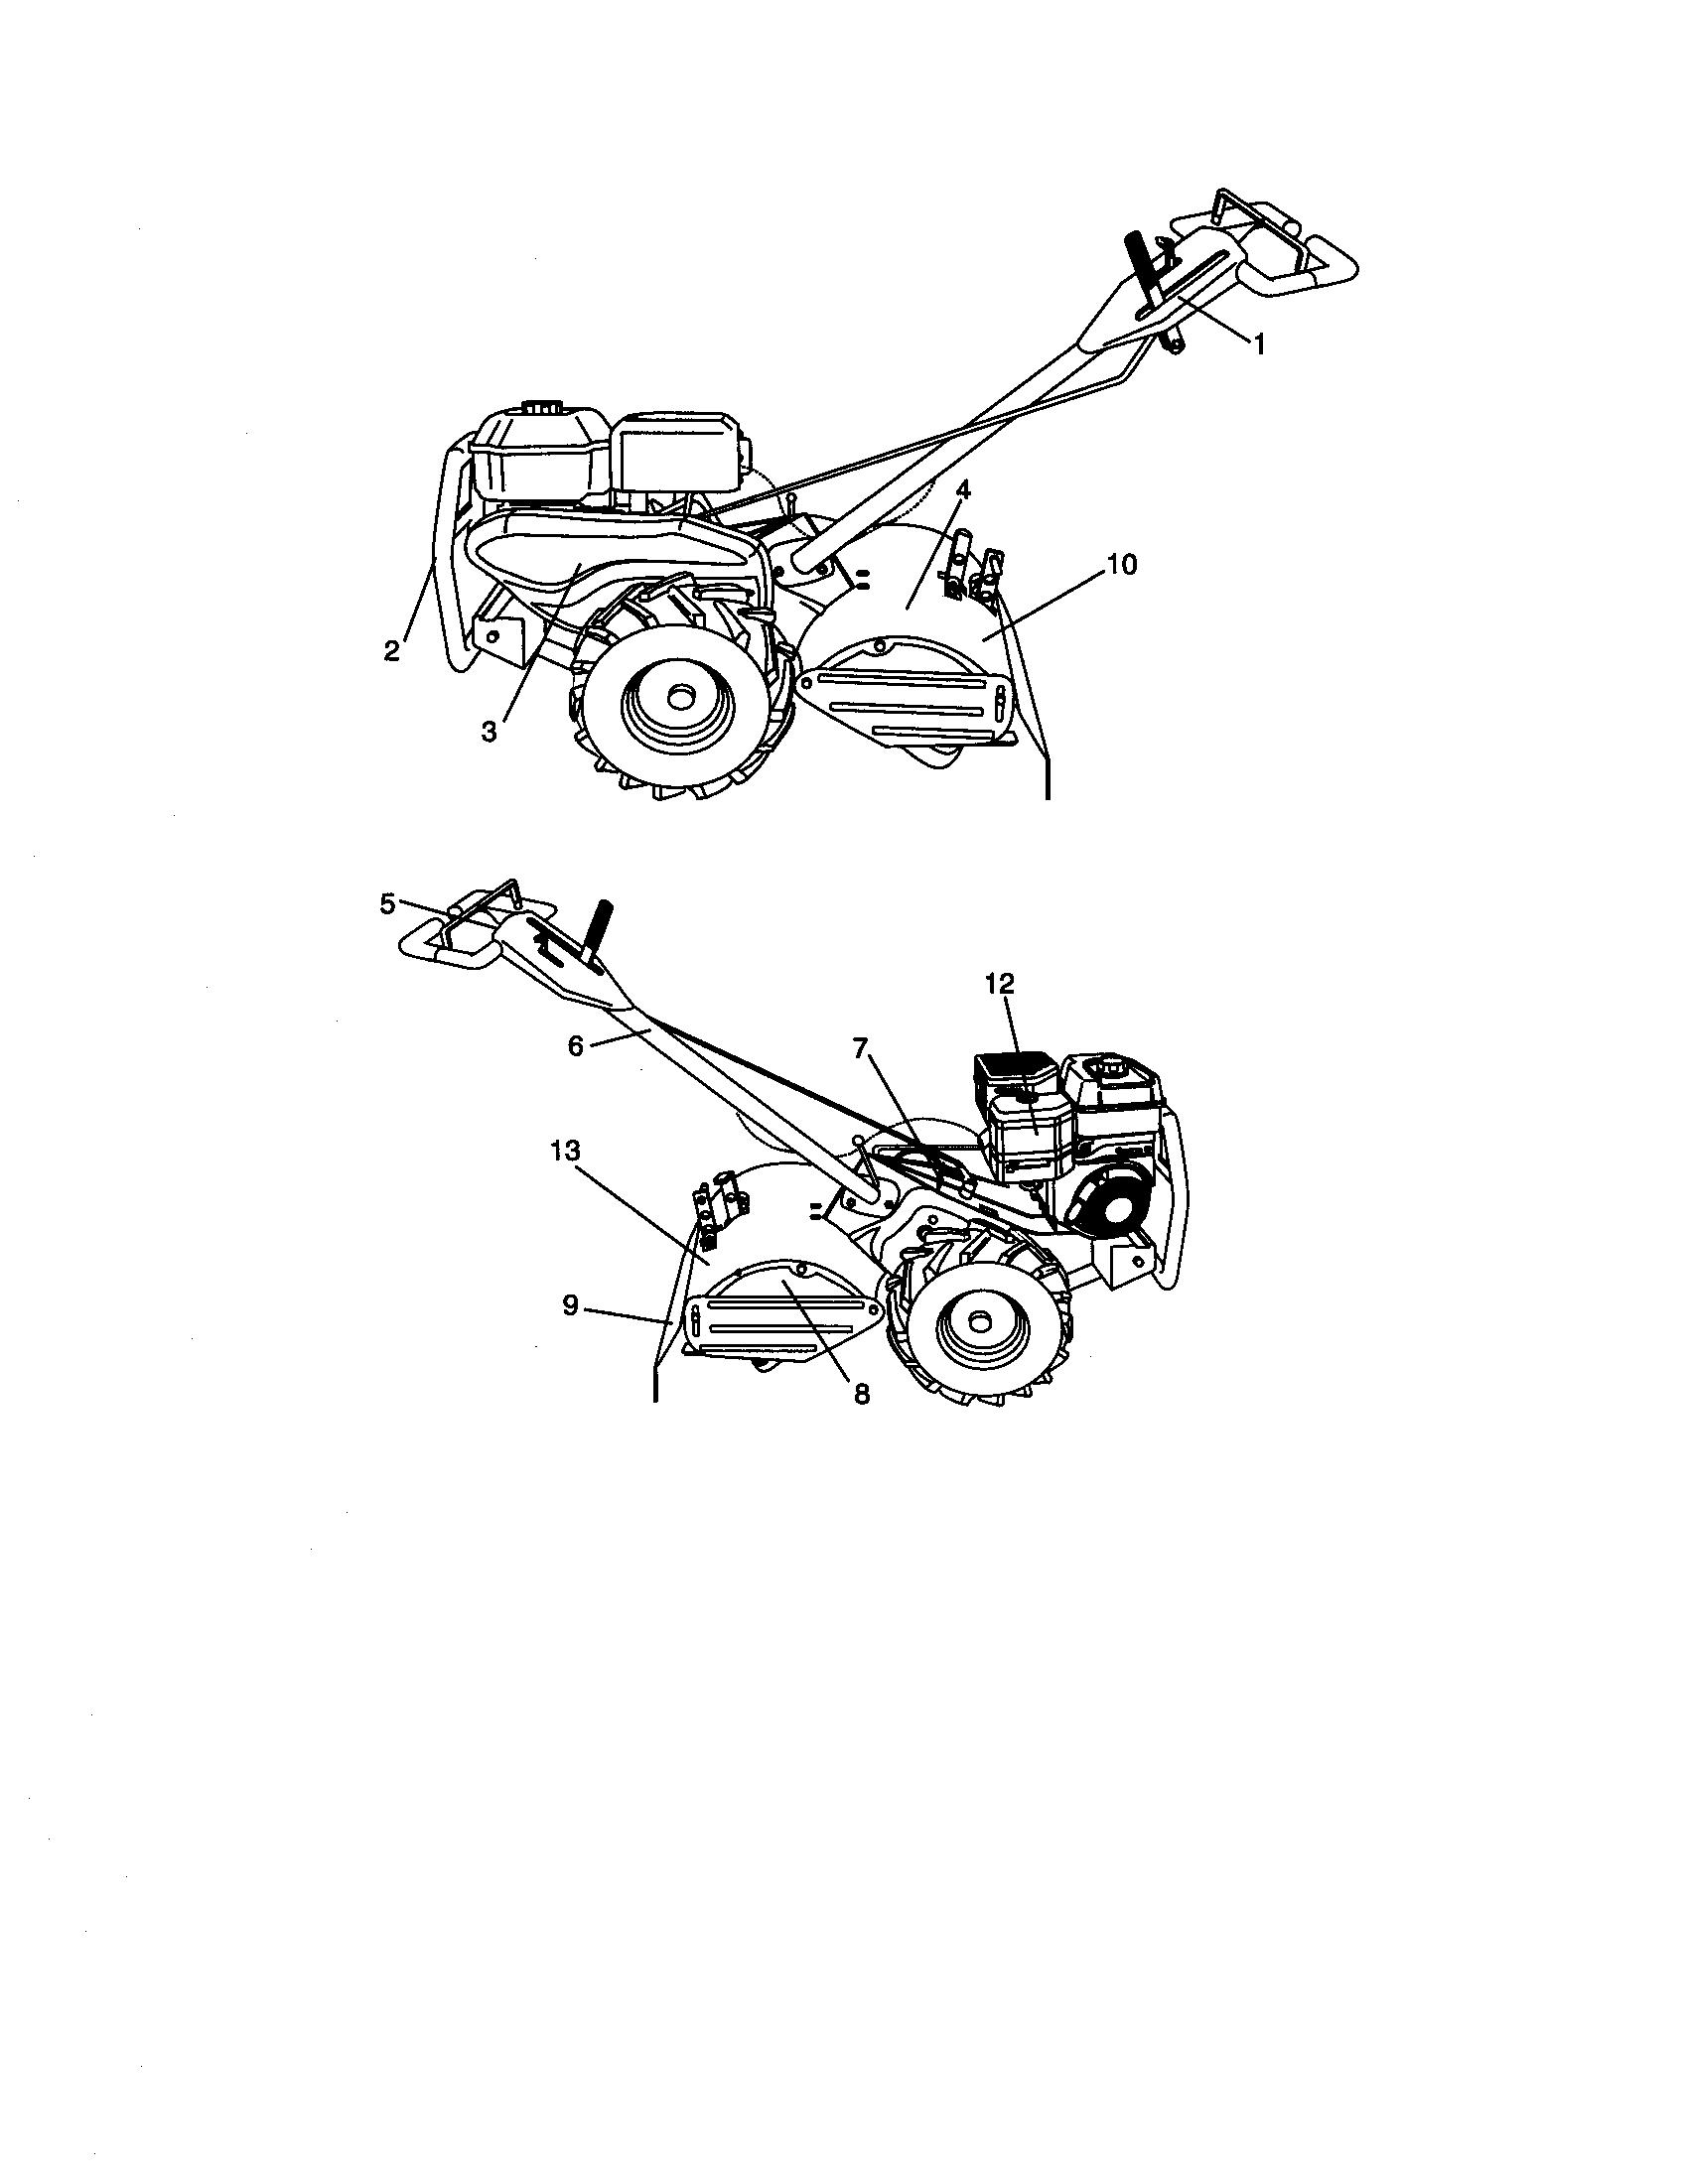 Craftsman model 917293490 rear tine, gas tiller genuine parts